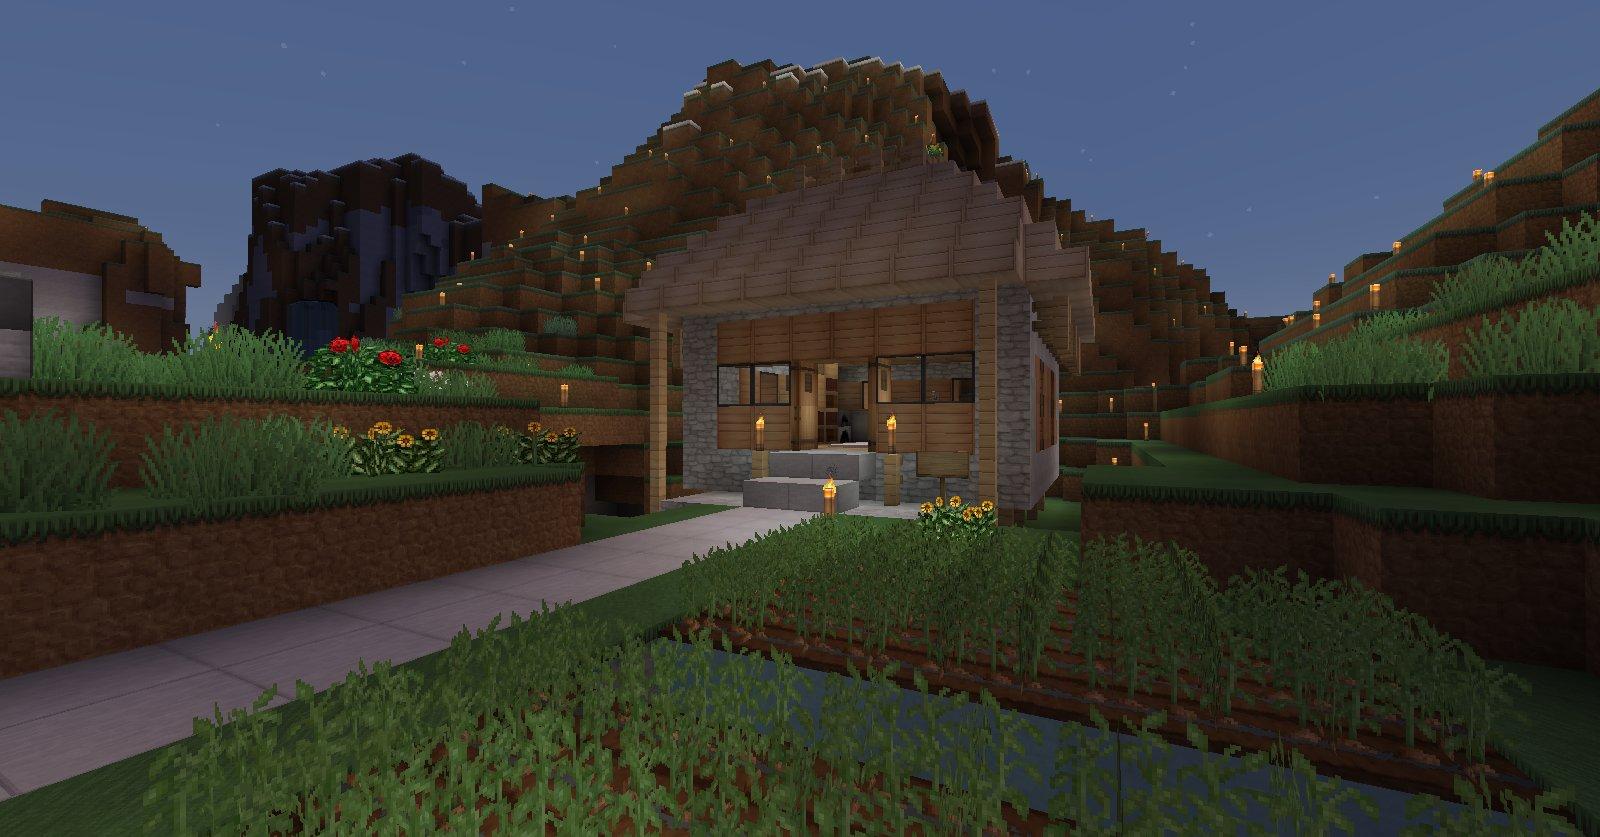 Projet village asiatique. F32208d5-dc58-455d-ae15-b8fcfc42c58c